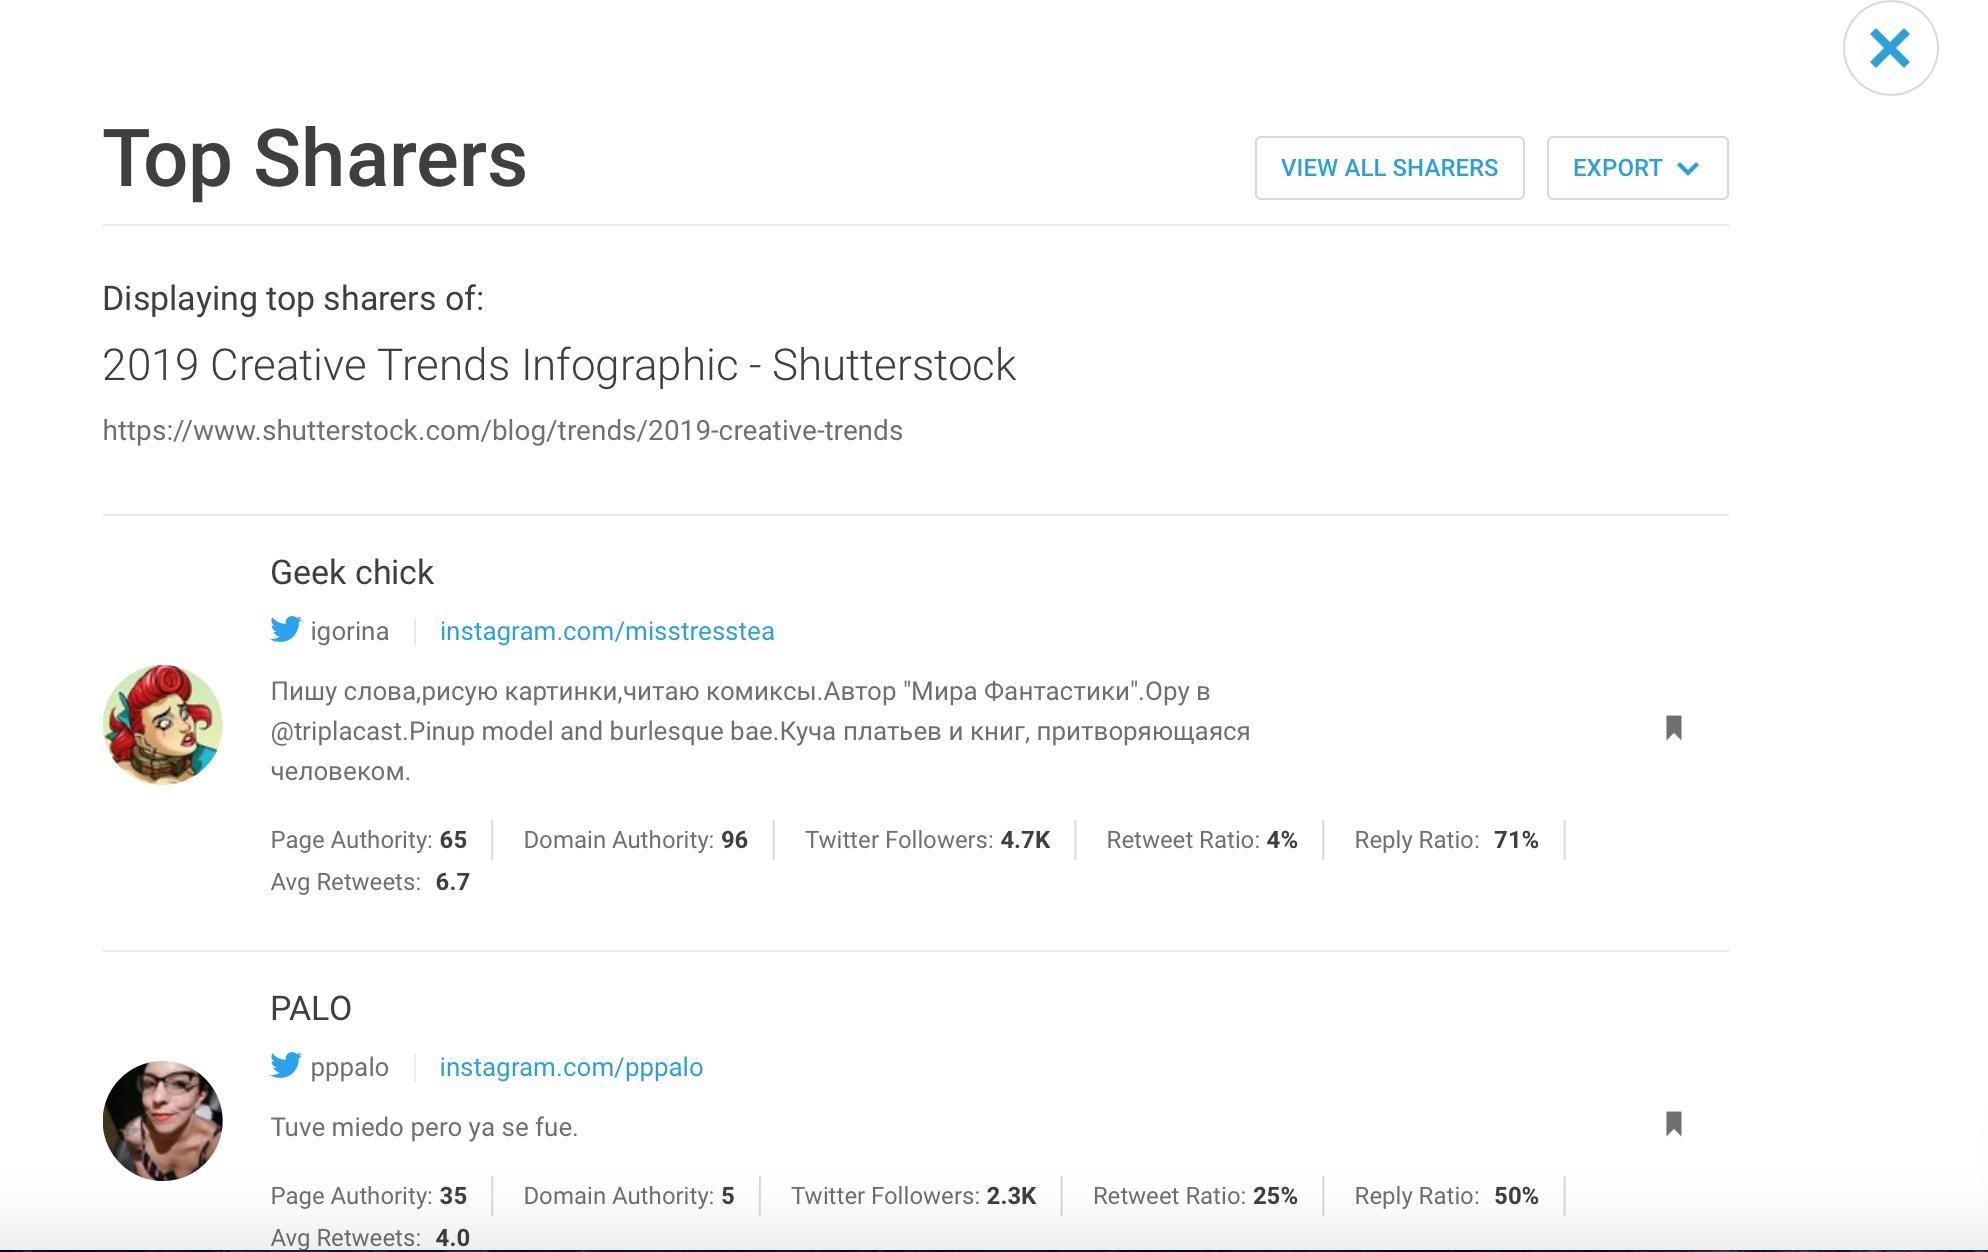 buzzsumo top sharers